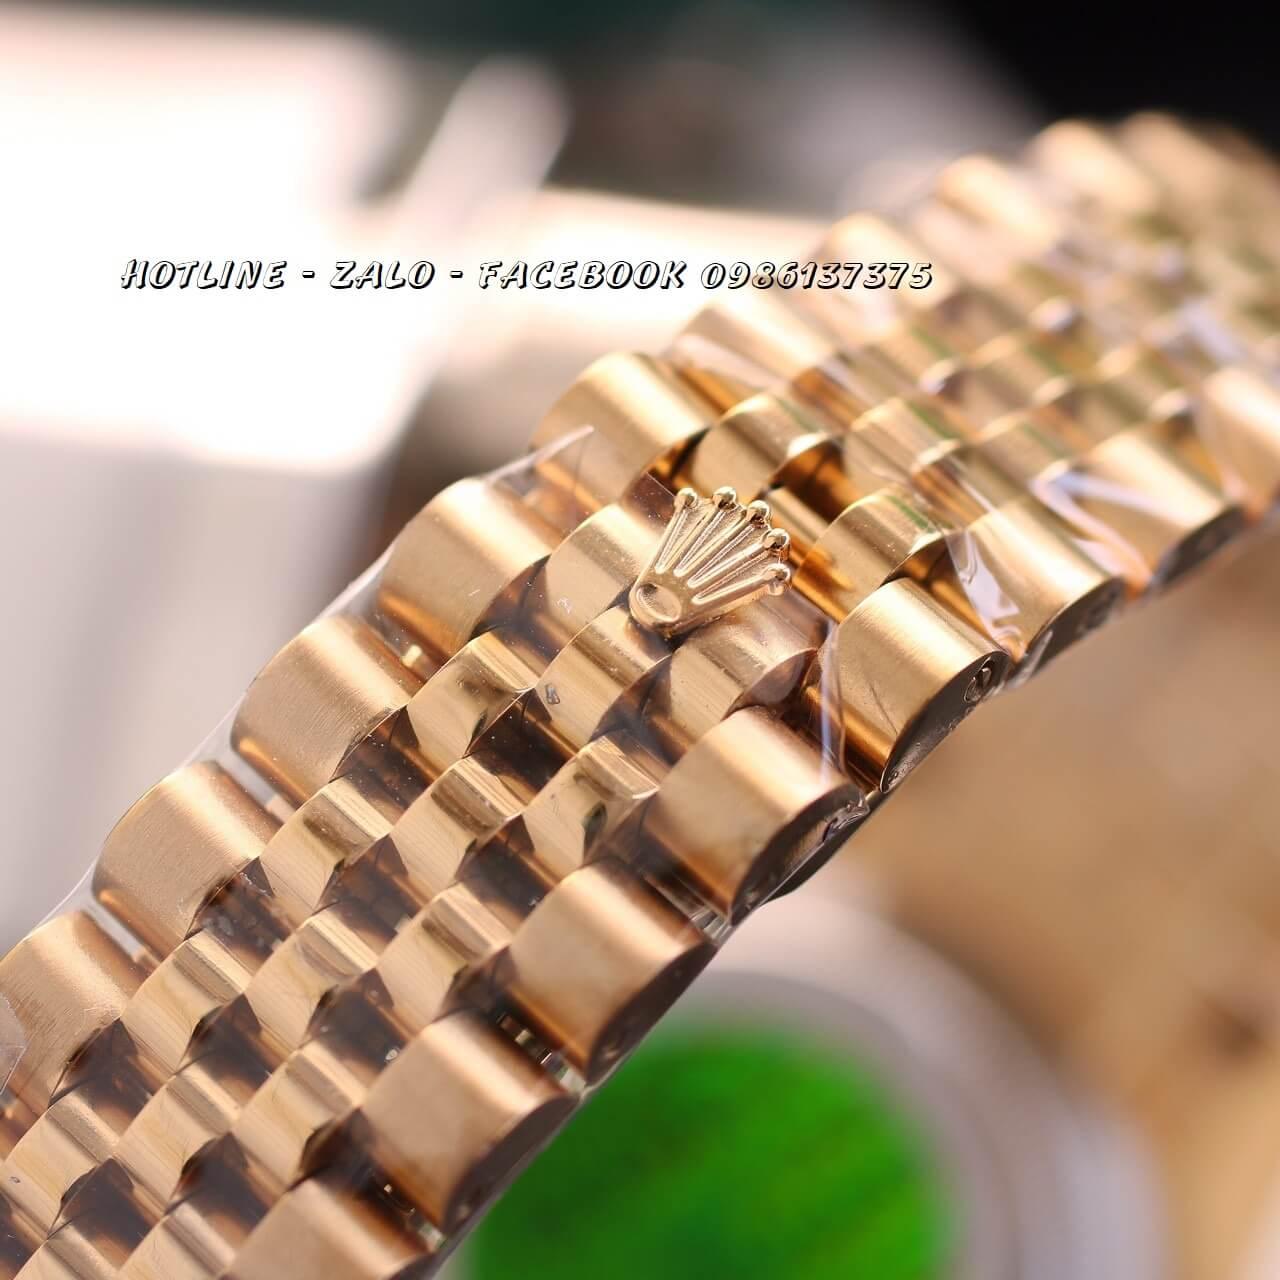 Đồng Hồ Rolex Nữ Vàng Mặt Trắng Máy Pin 32mm